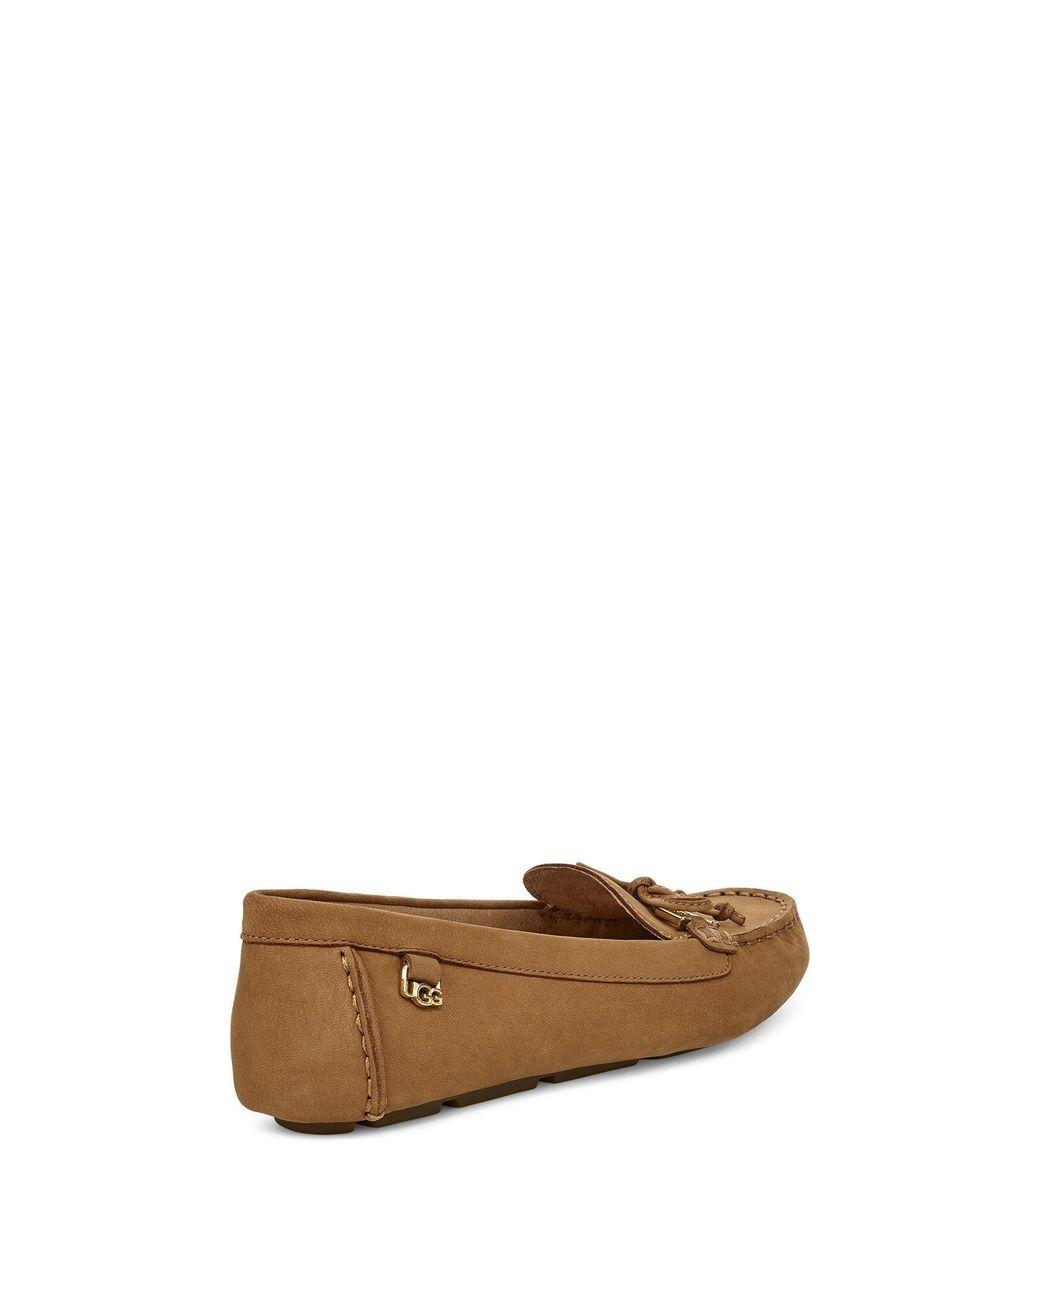 UGG Leather Serena Loafer in Chestnut